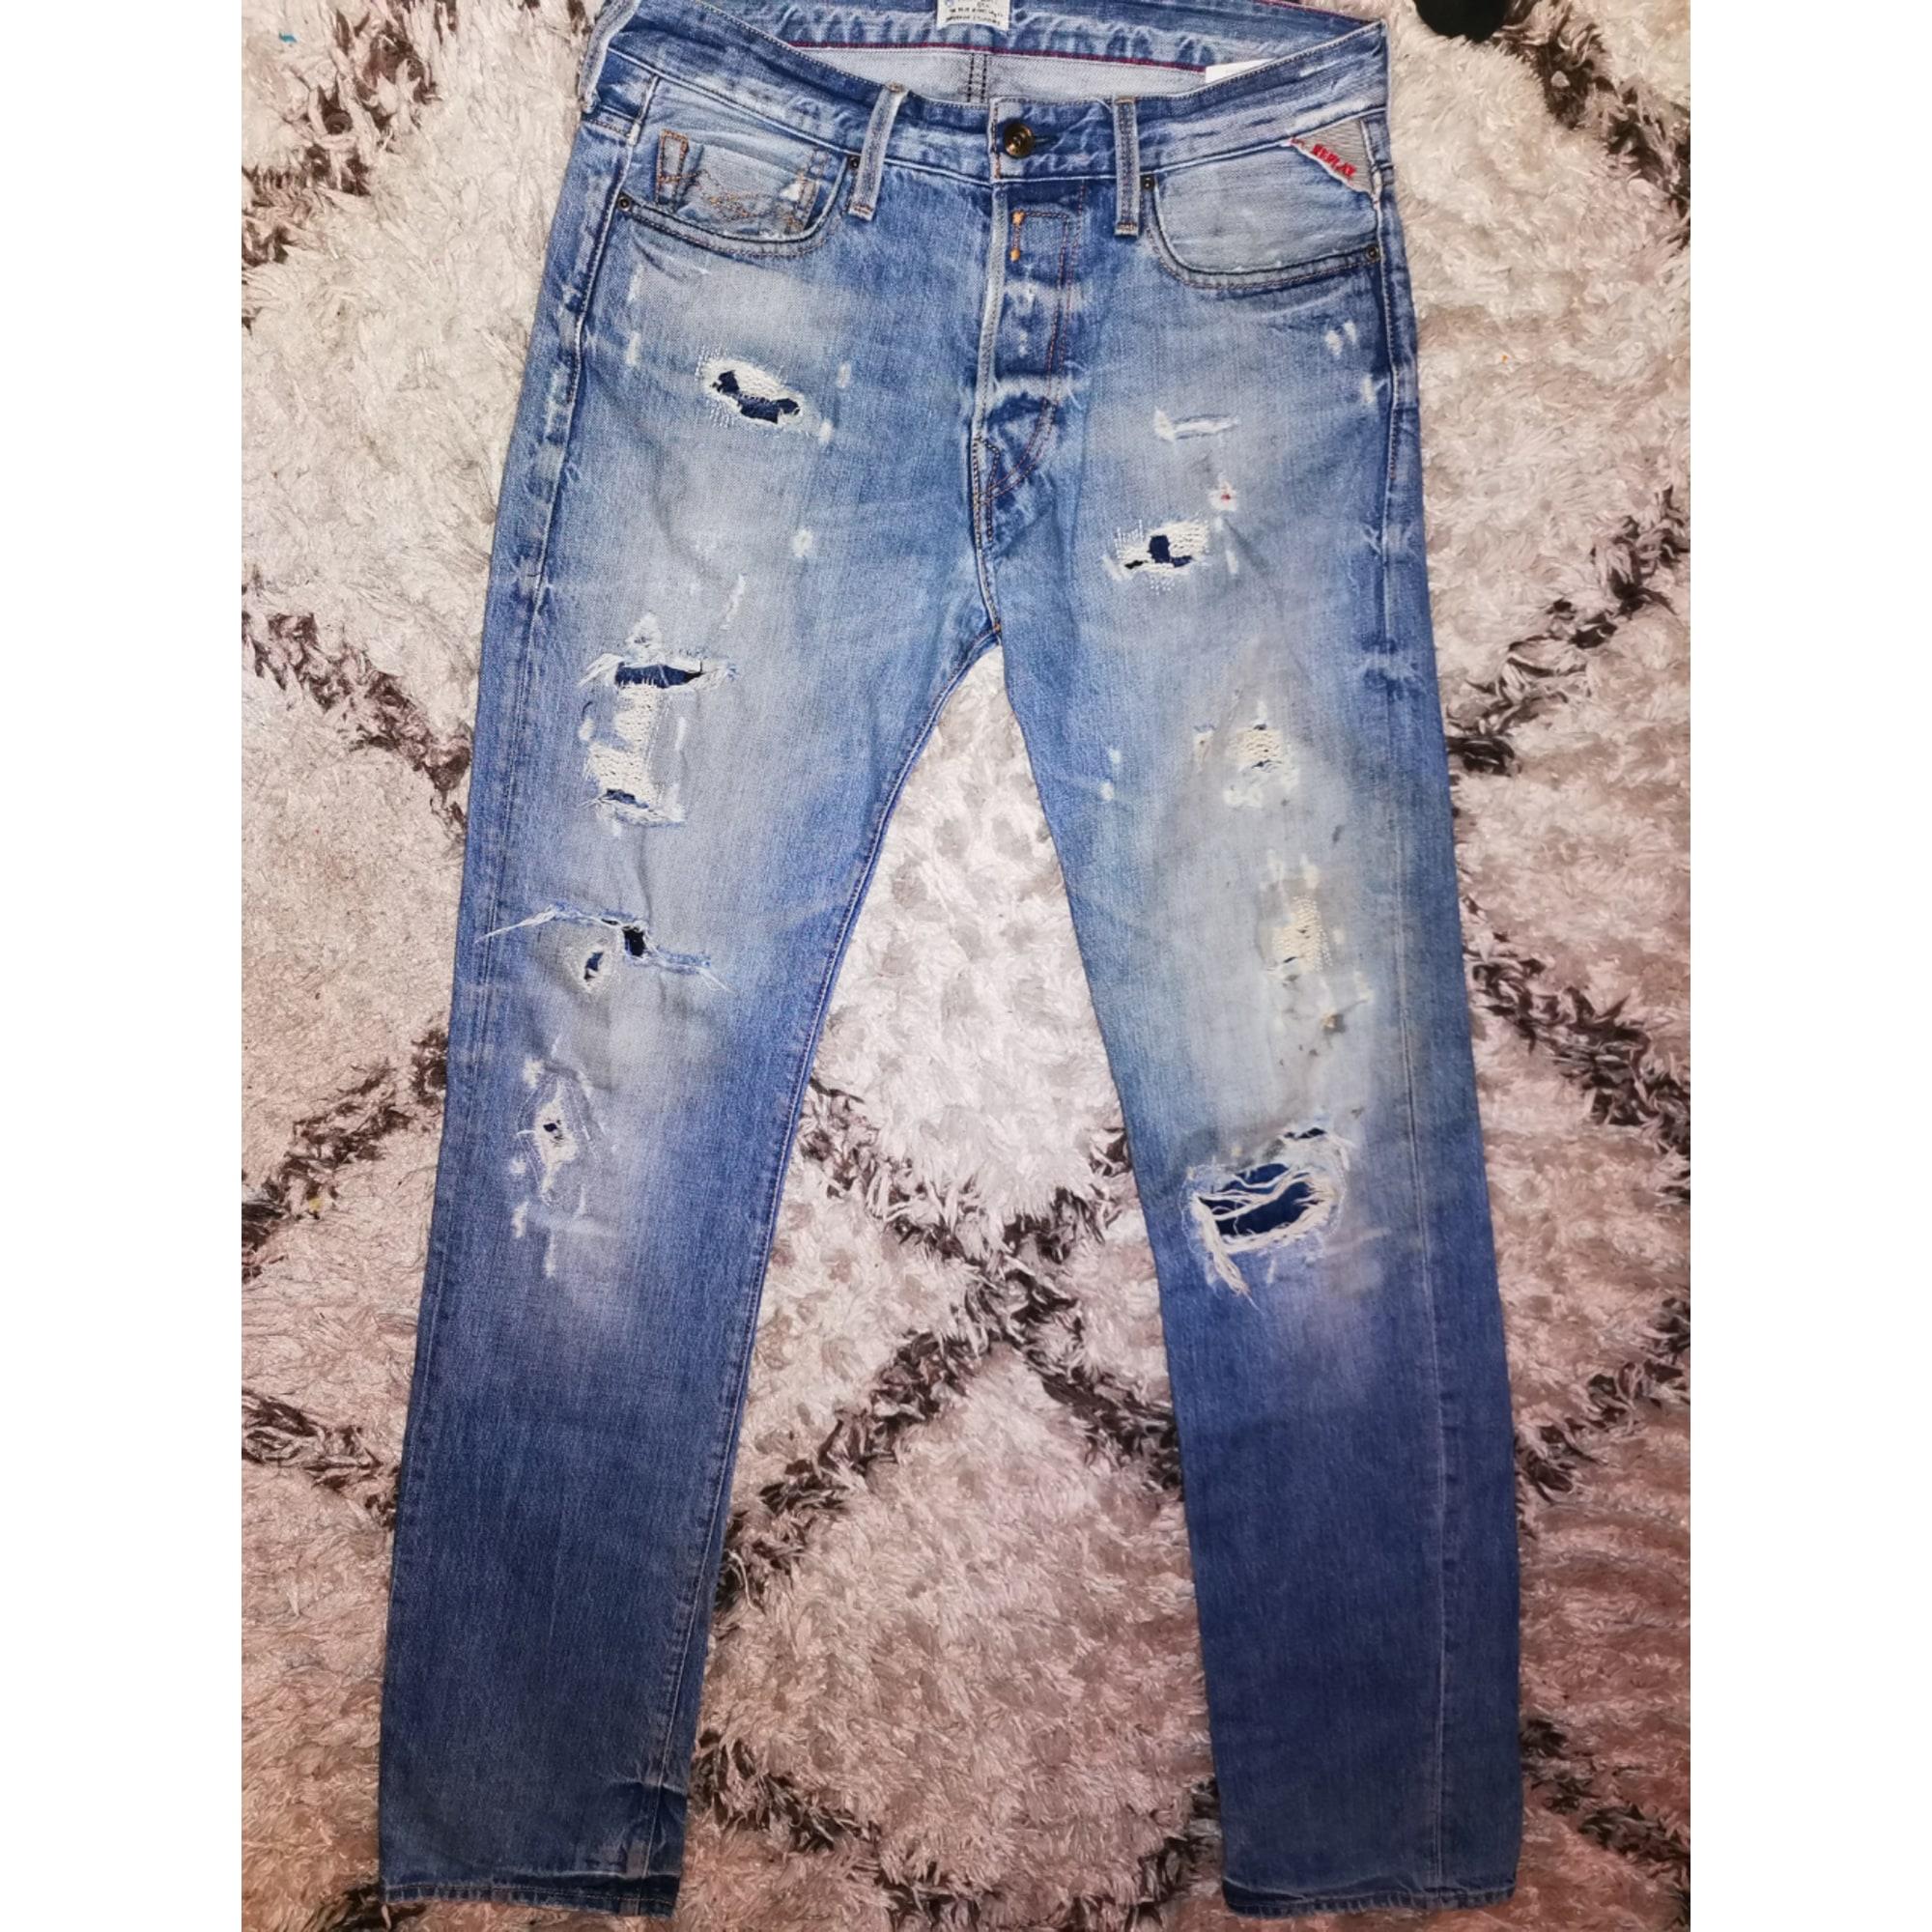 Jeans droit REPLAY Bleu, bleu marine, bleu turquoise